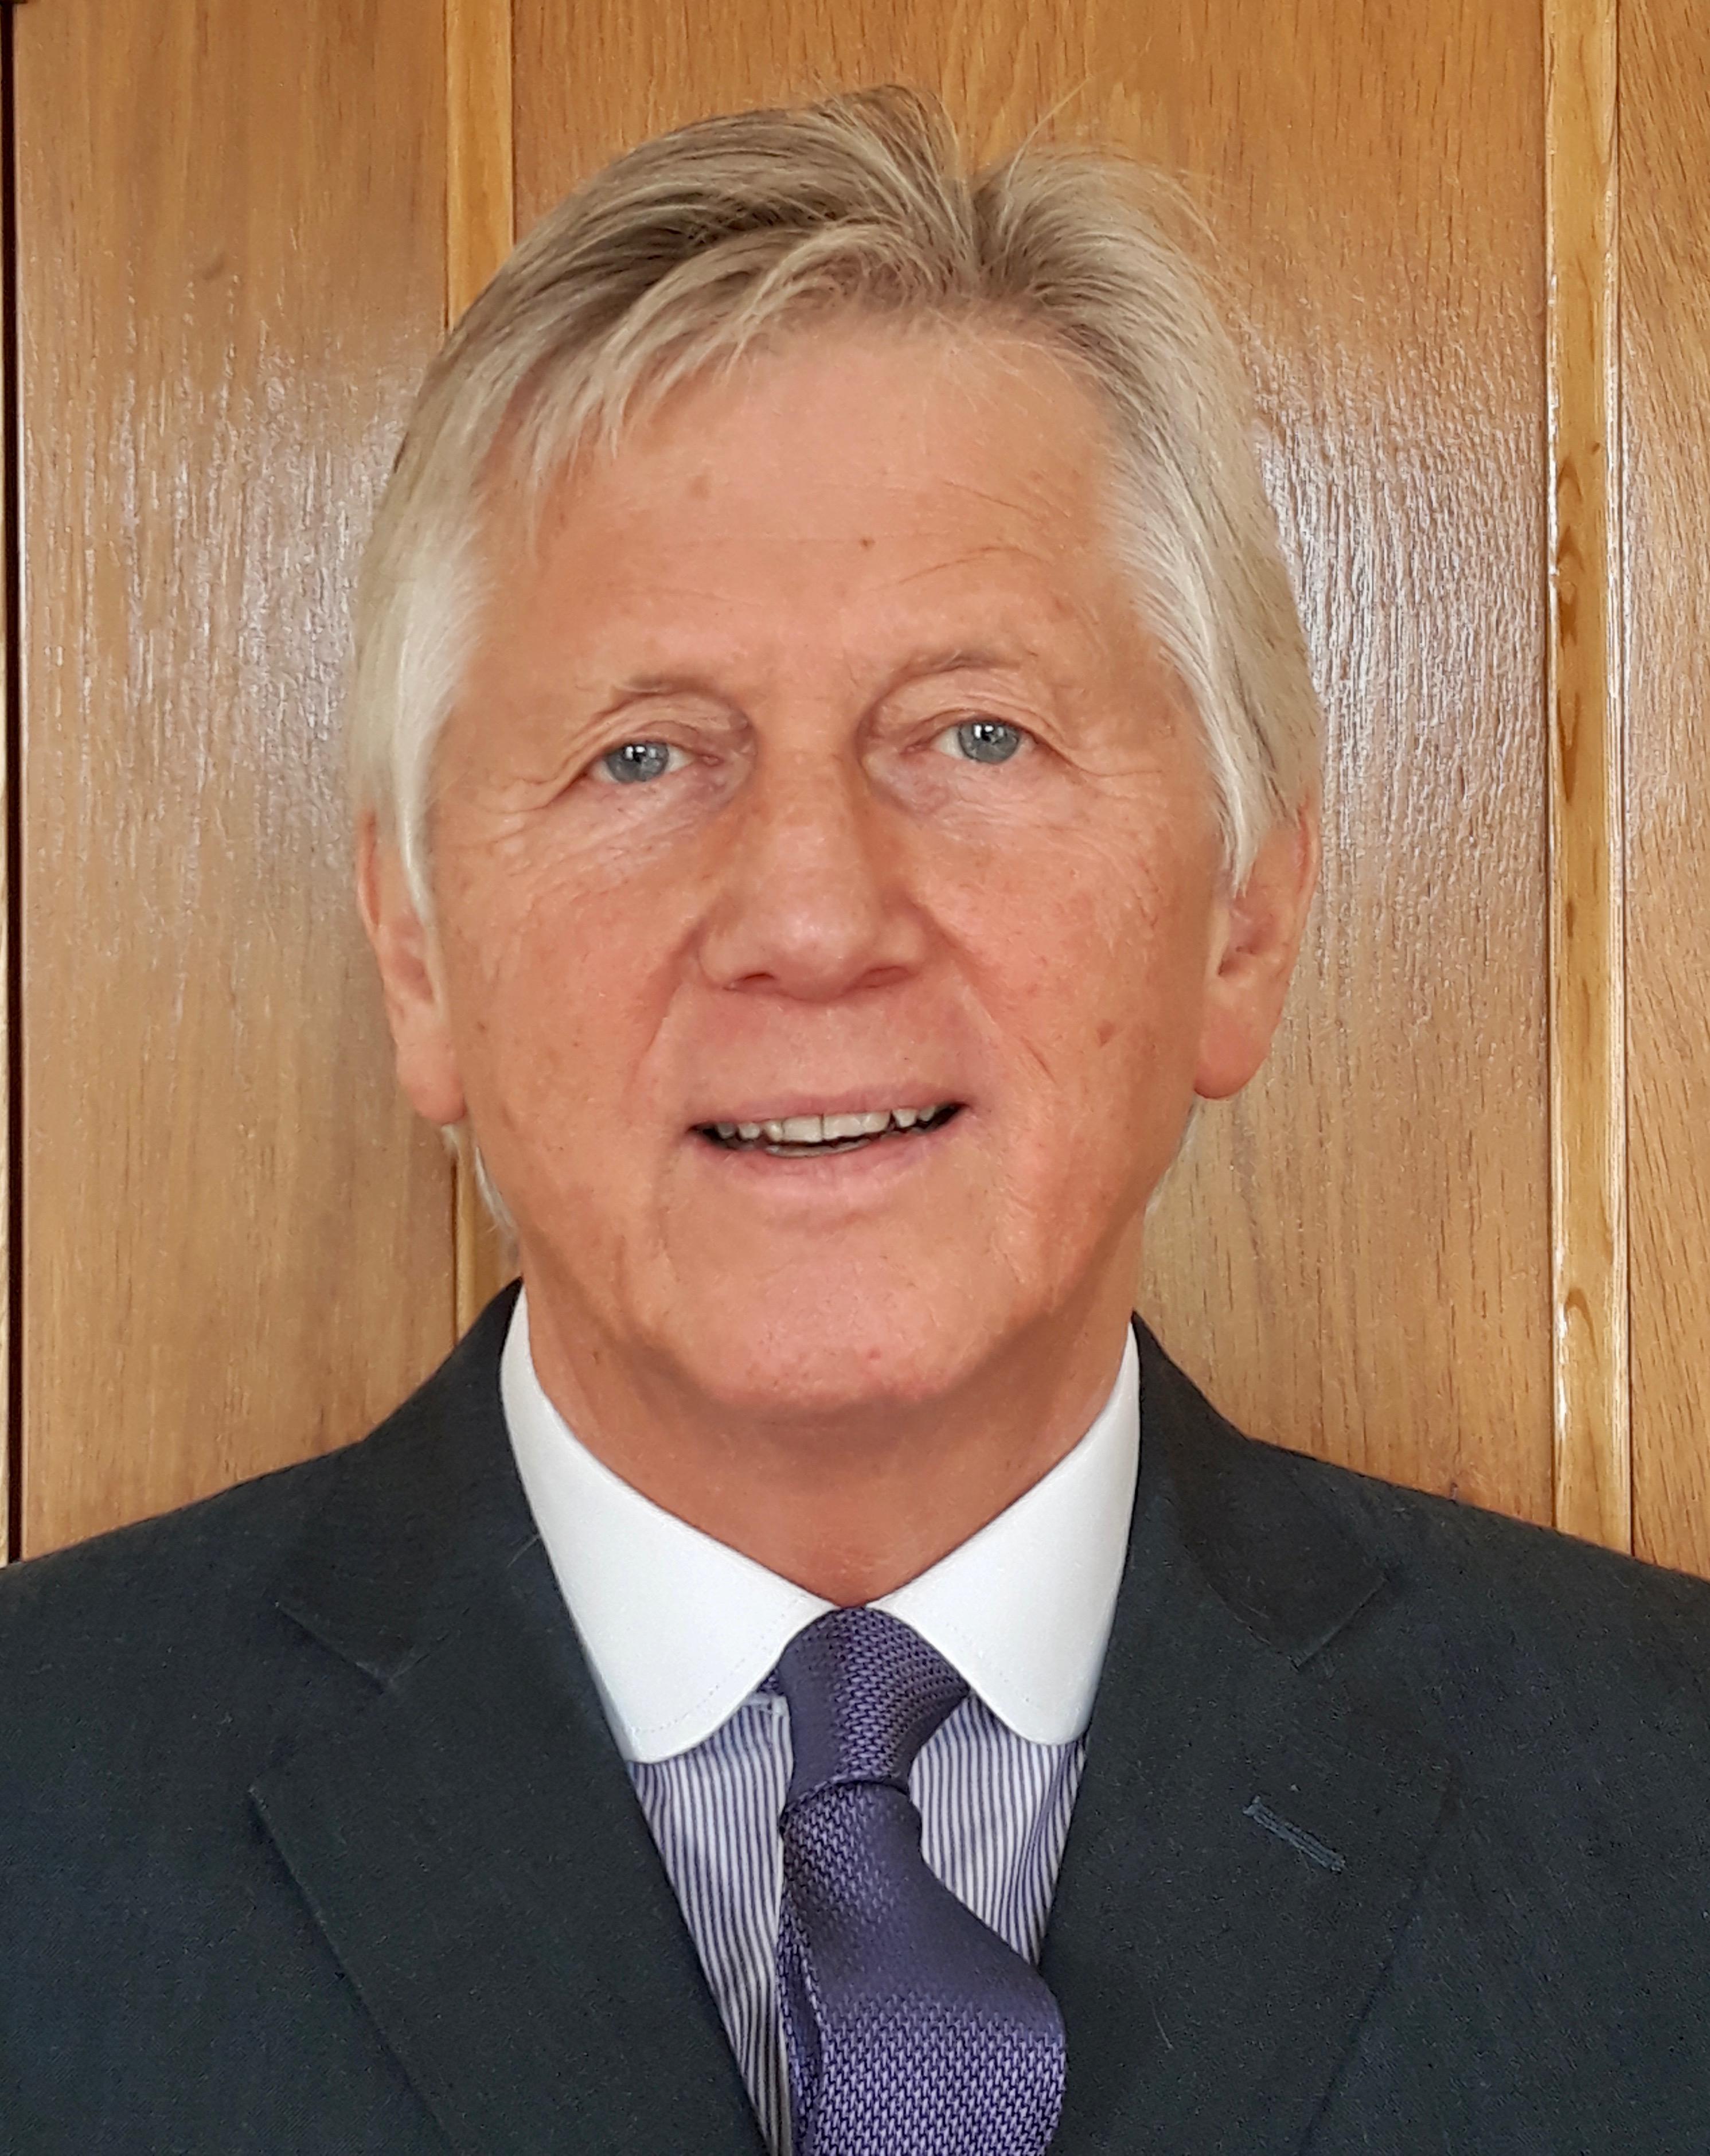 Lewis Montague